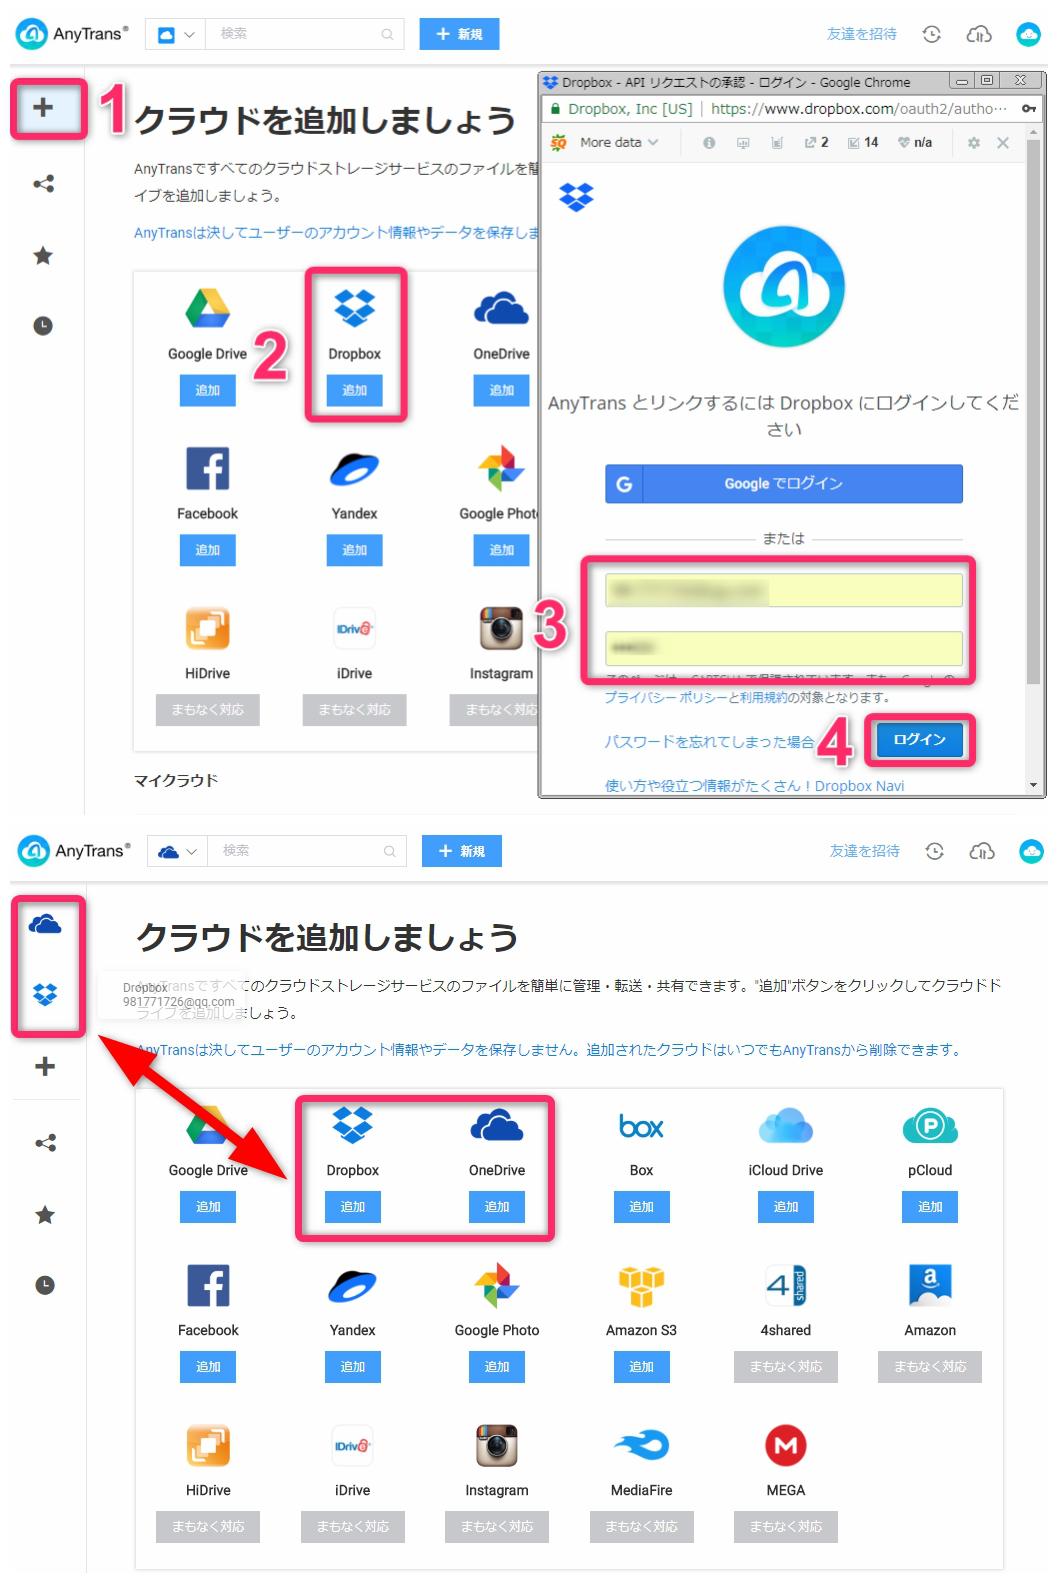 Dropbox とOnedriveの間でデータを共有する方法